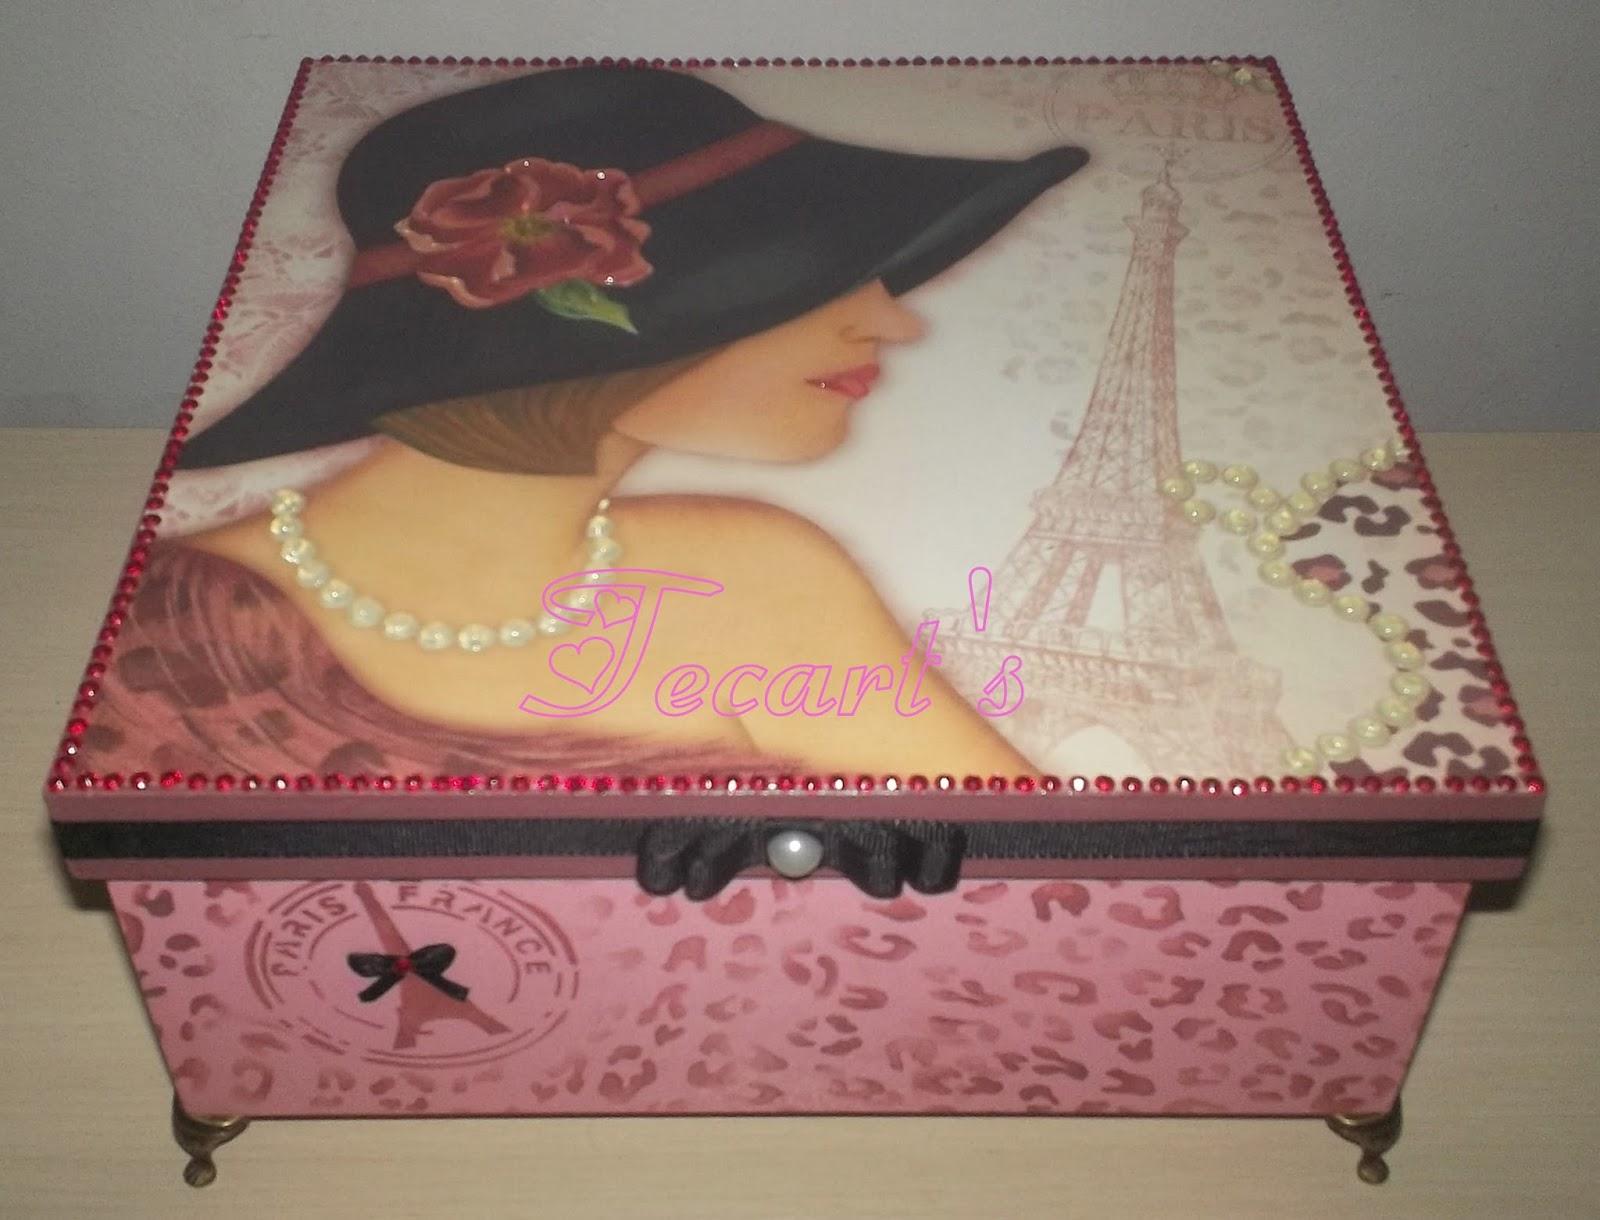 Tecart 39 s artesanato em eva e decoupagem caixas decoradas - Servilletas de papel decoradas para manualidades ...